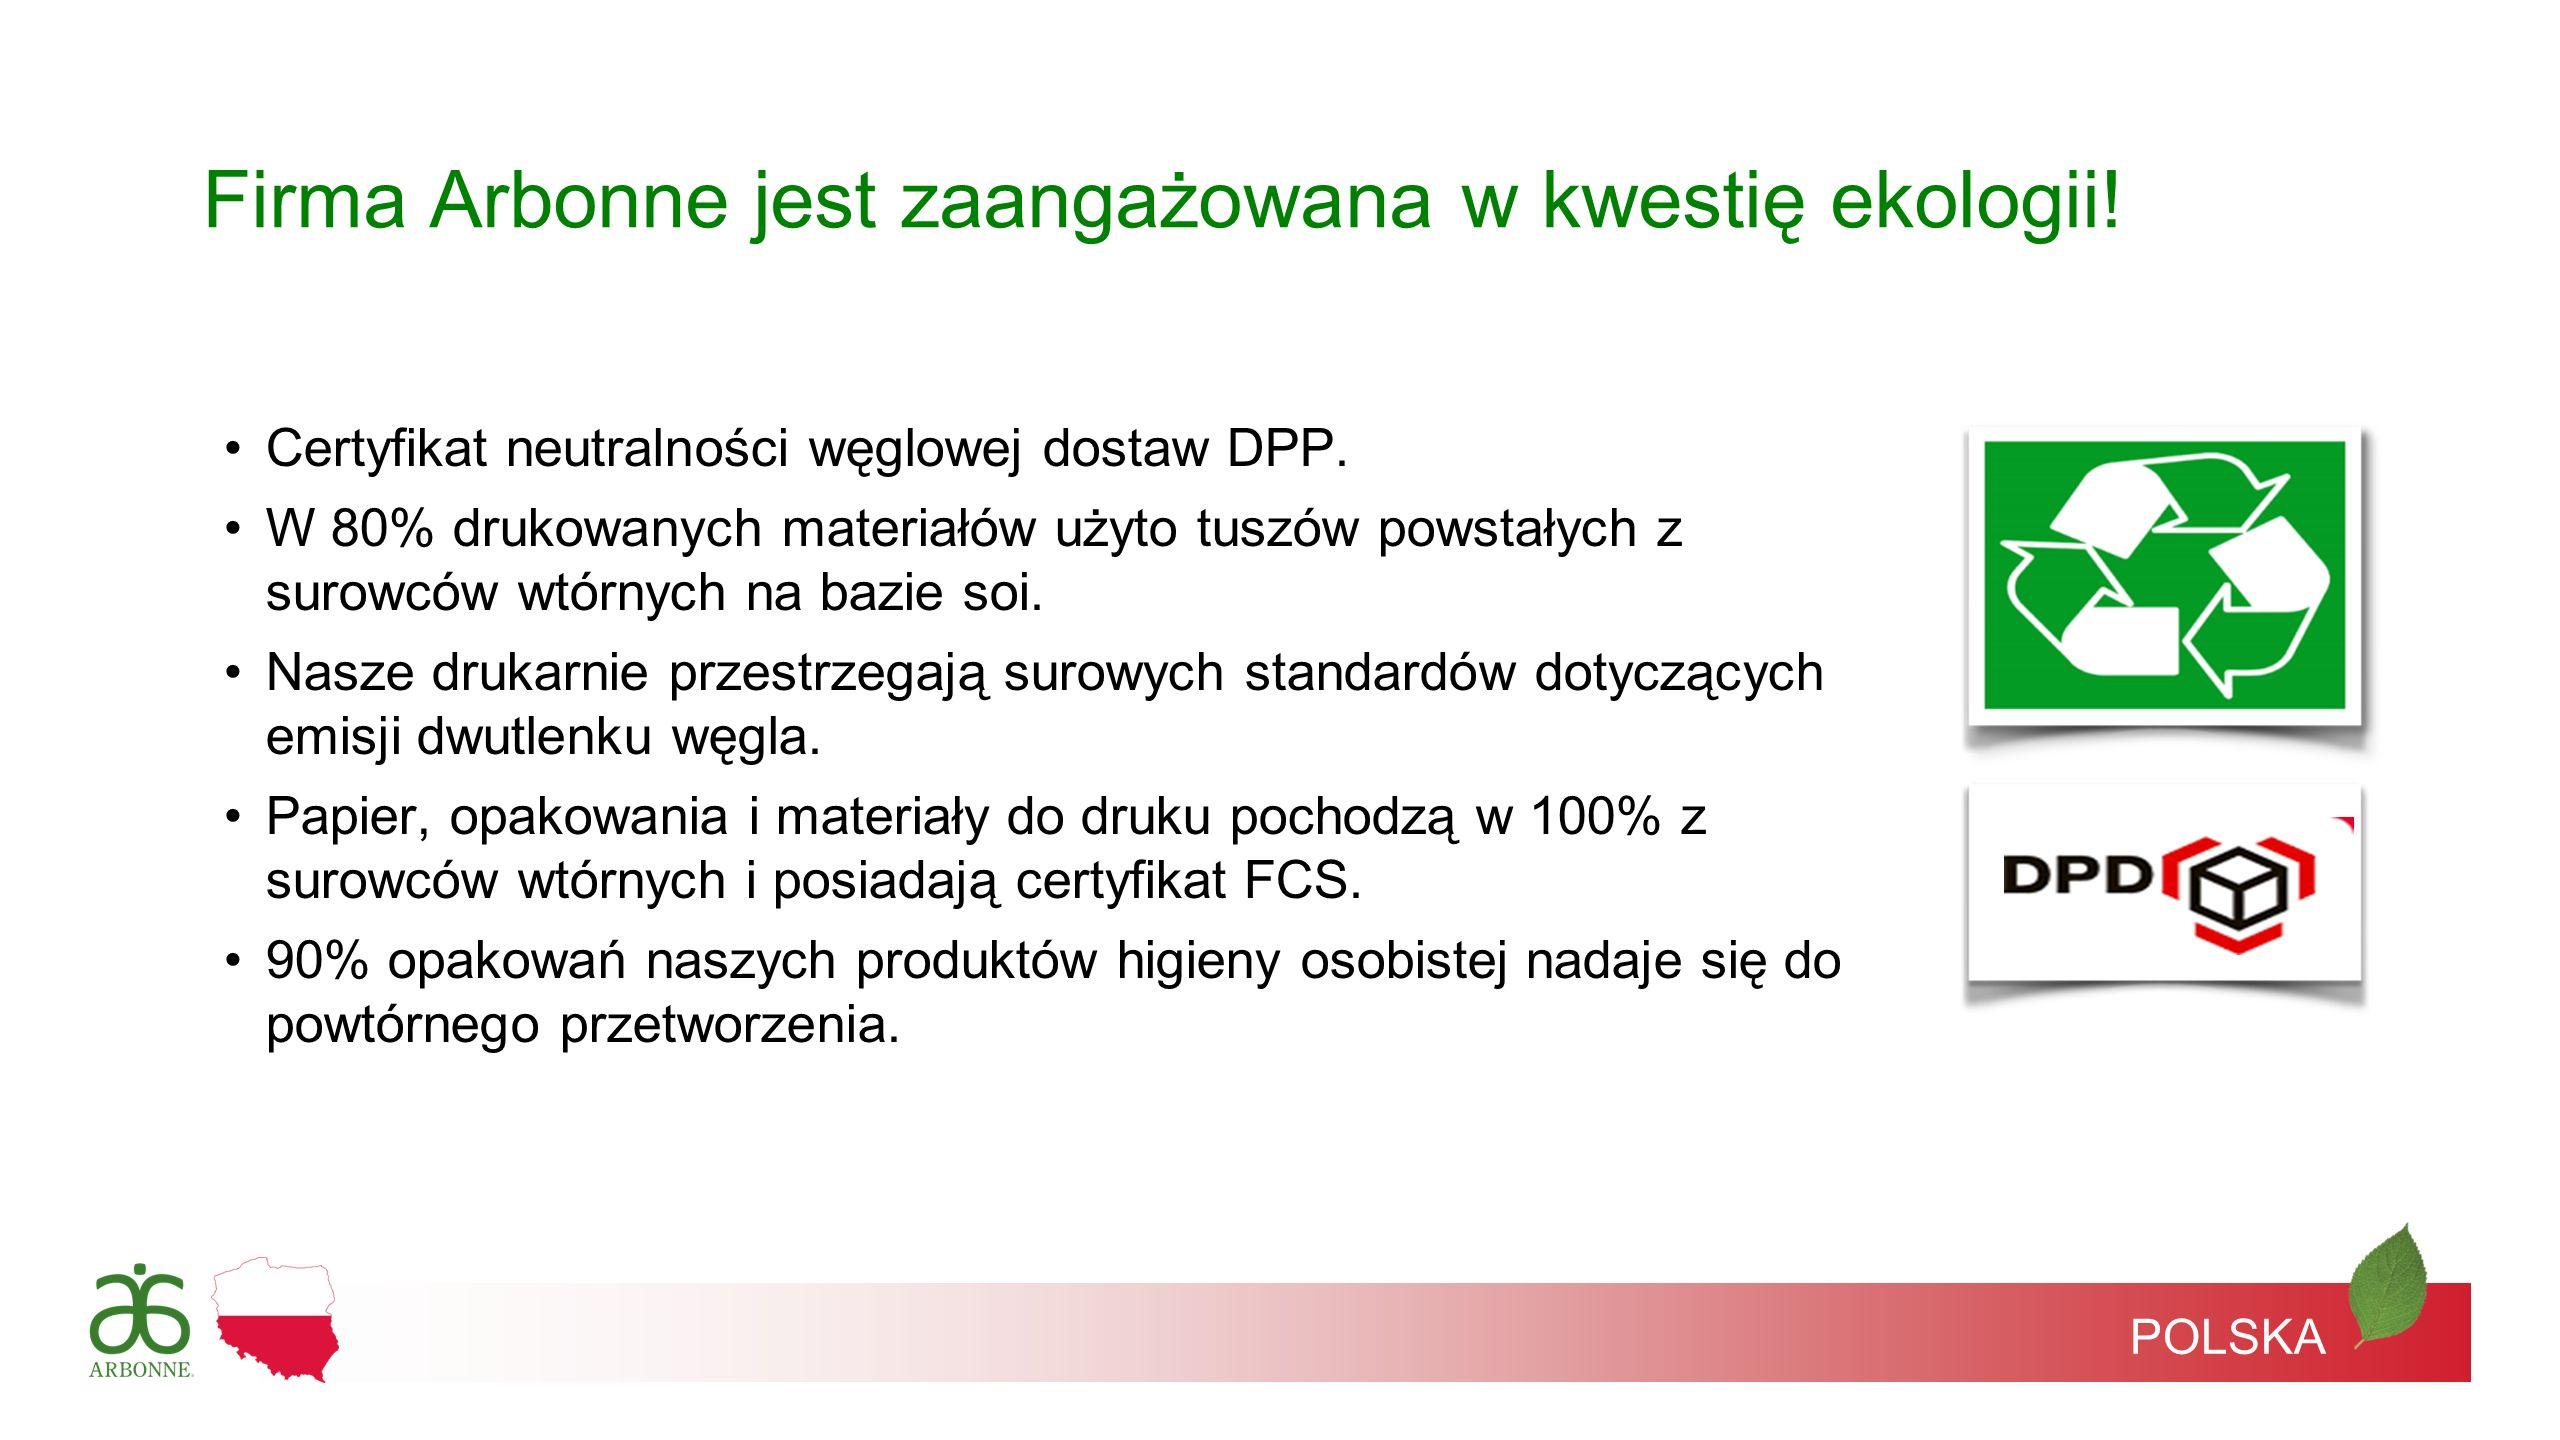 POLSKA Firma Arbonne jest zaangażowana w kwestię ekologii! Certyfikat neutralności węglowej dostaw DPP. W 80% drukowanych materiałów użyto tuszów pows